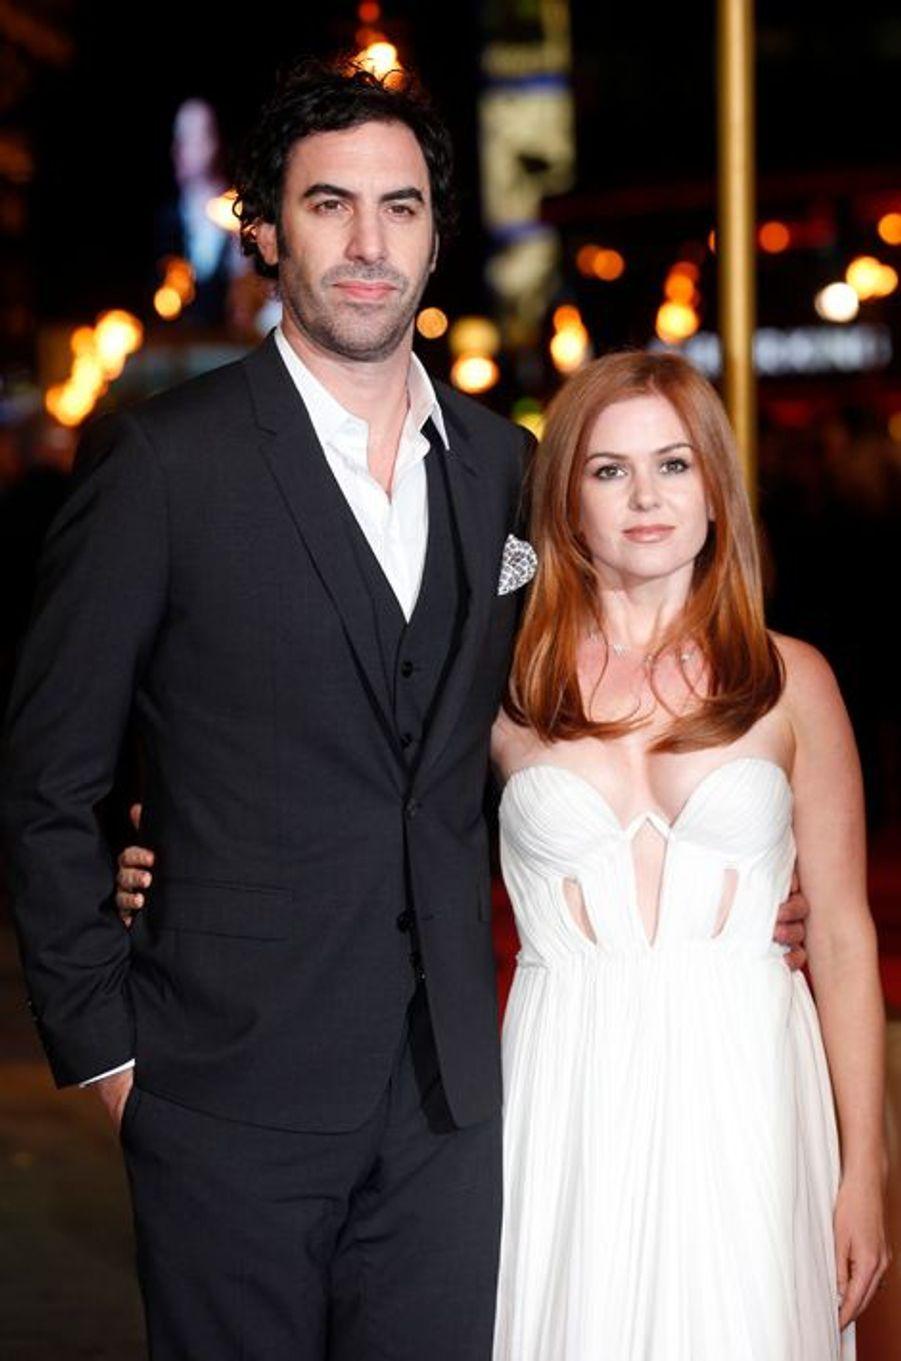 Les acteurs Sacha Baron Cohen et Isla Fisher ont accueilli un petit garçon, Montgomery Moses Brian Baron Cohen, en mars 2015.